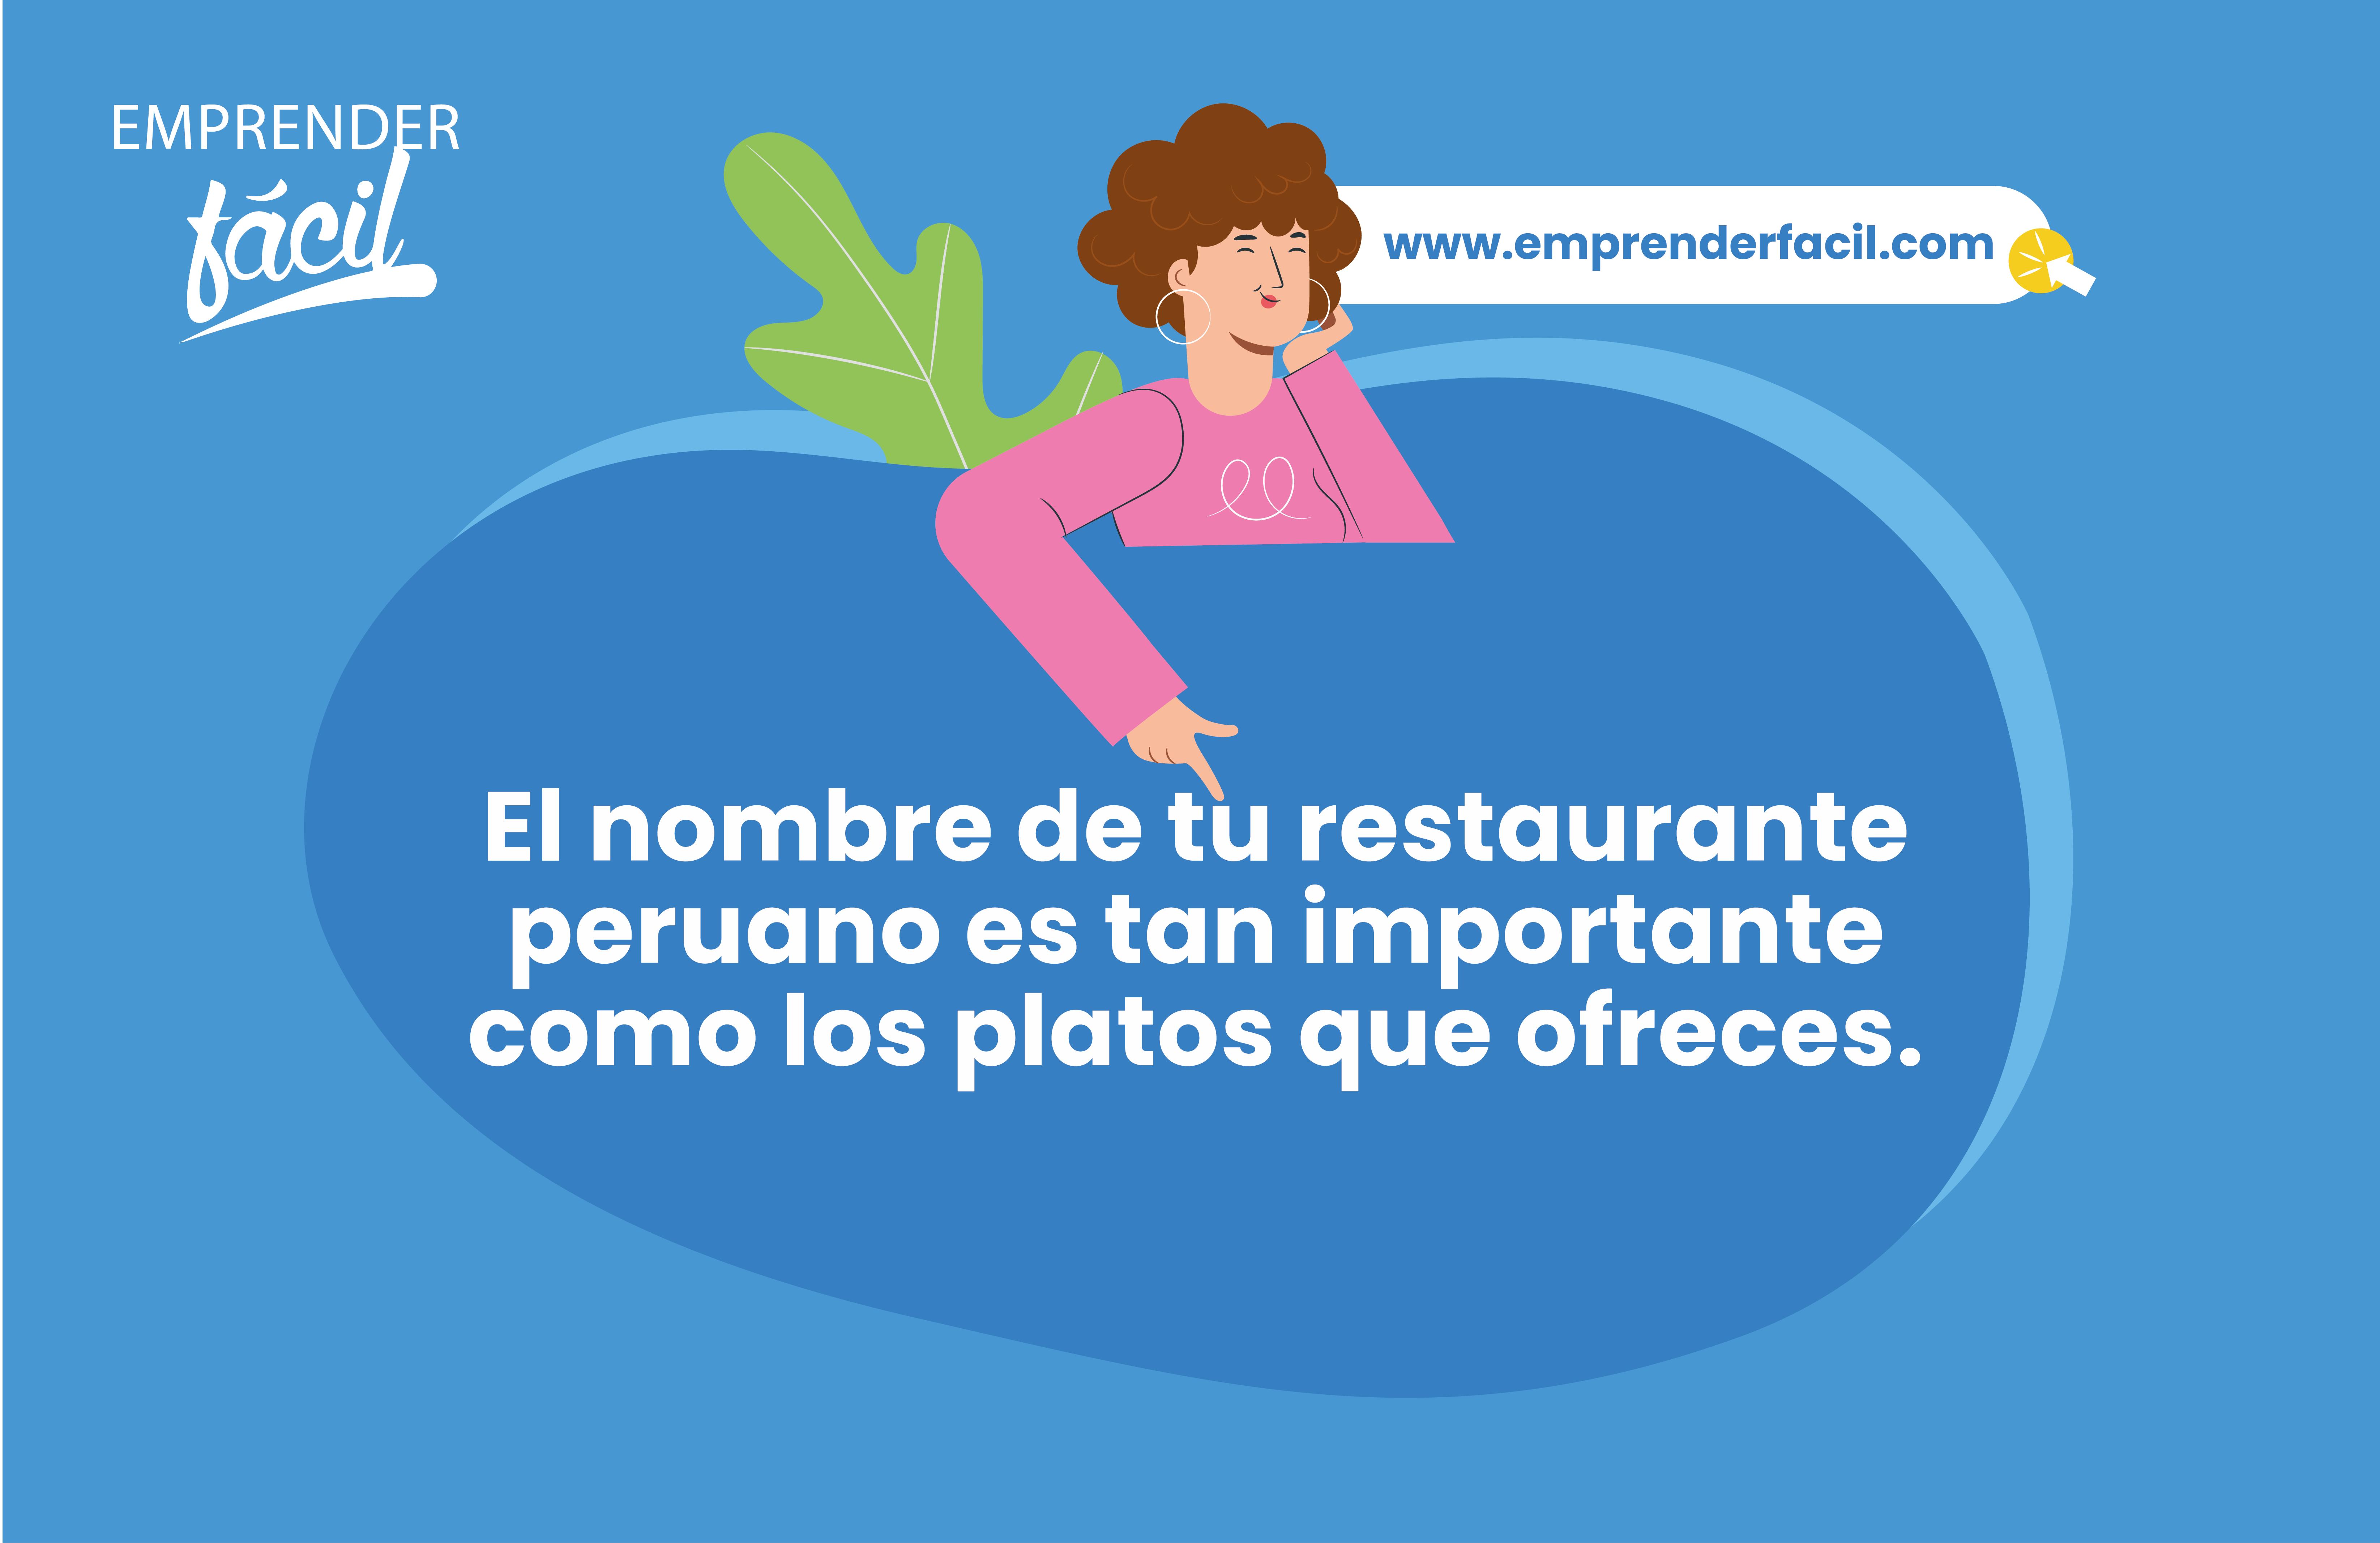 El nombre de tu restaurante peruano es tan importante como los platos que ofreces.